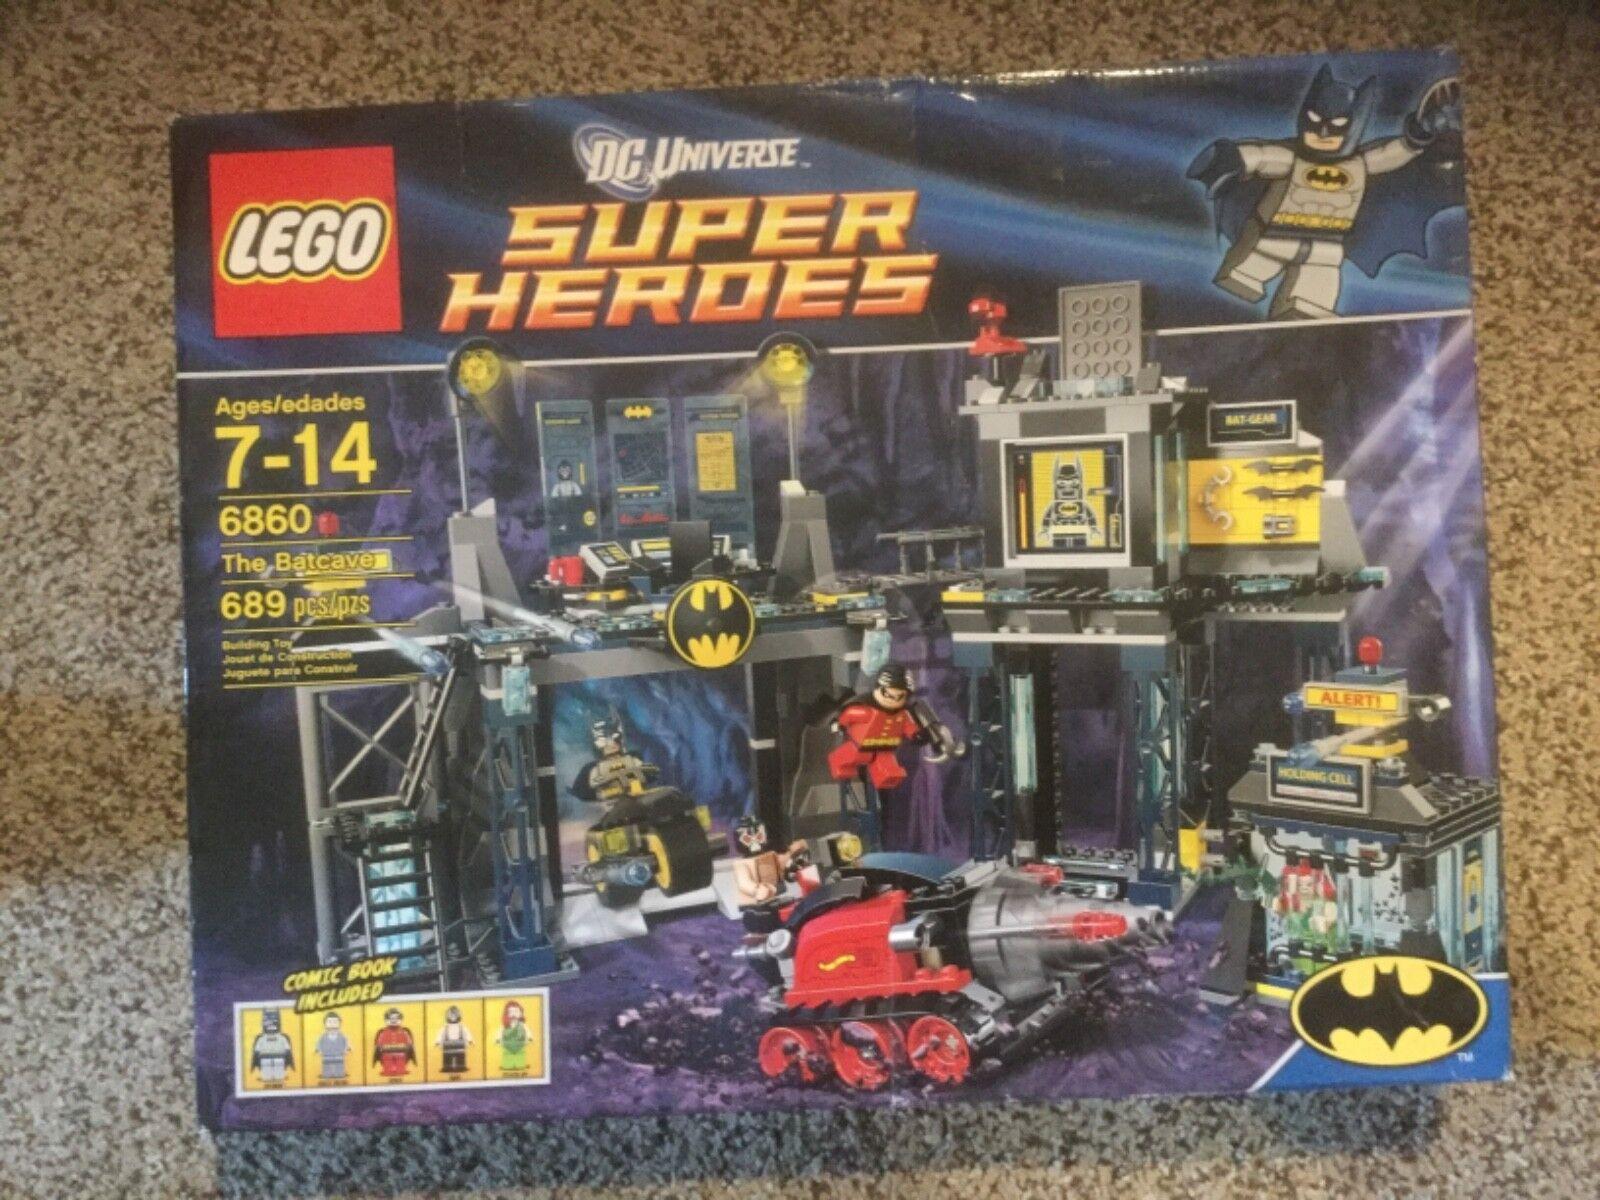 LEGO Super Heroes Die Batcave (6860).NIB, aber Box zeigt Verschleiß.